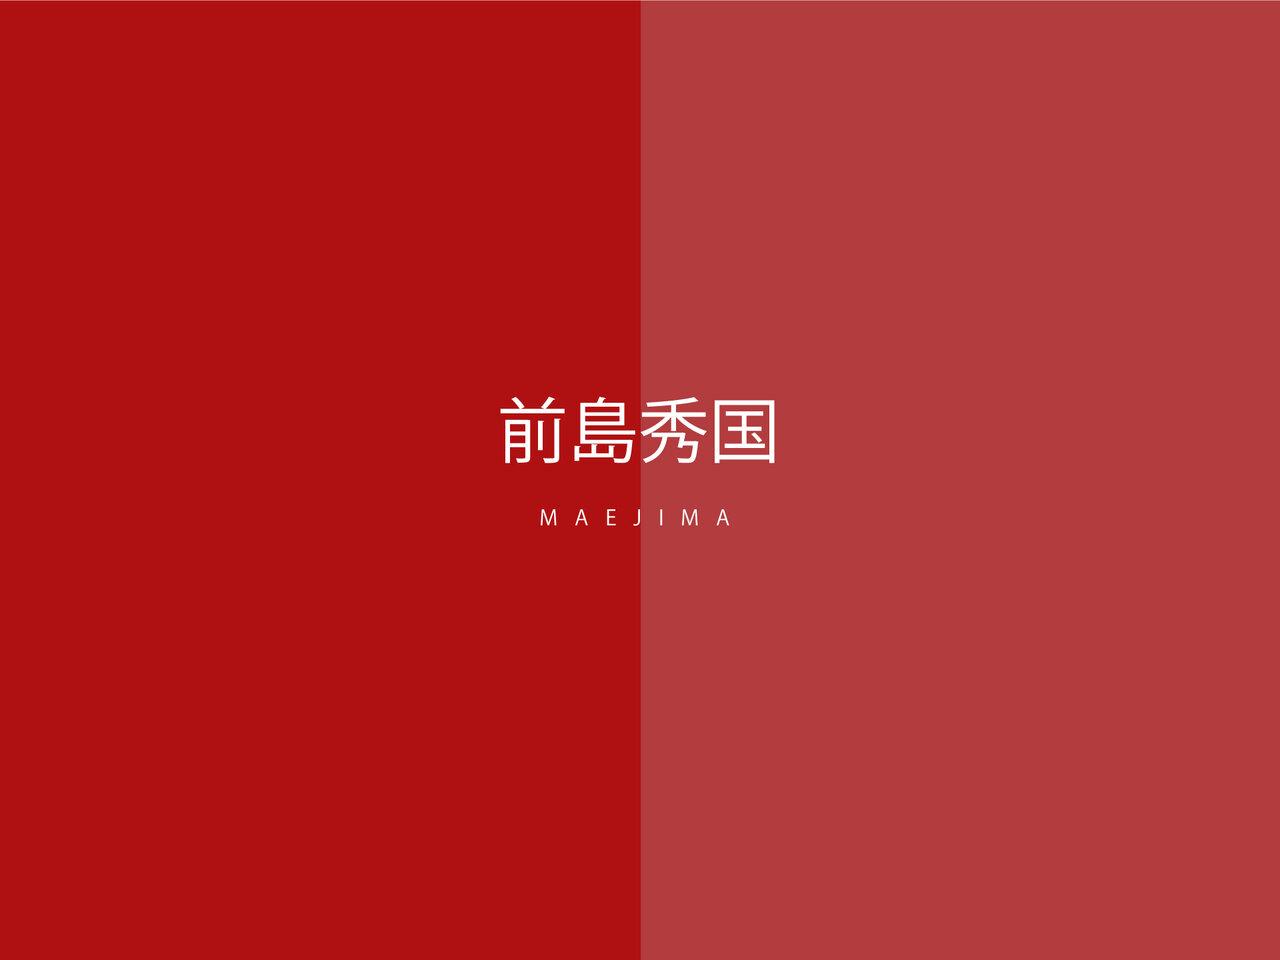 久石譲指揮ワールド・ドリーム・オーケストラを聴いて(その1)